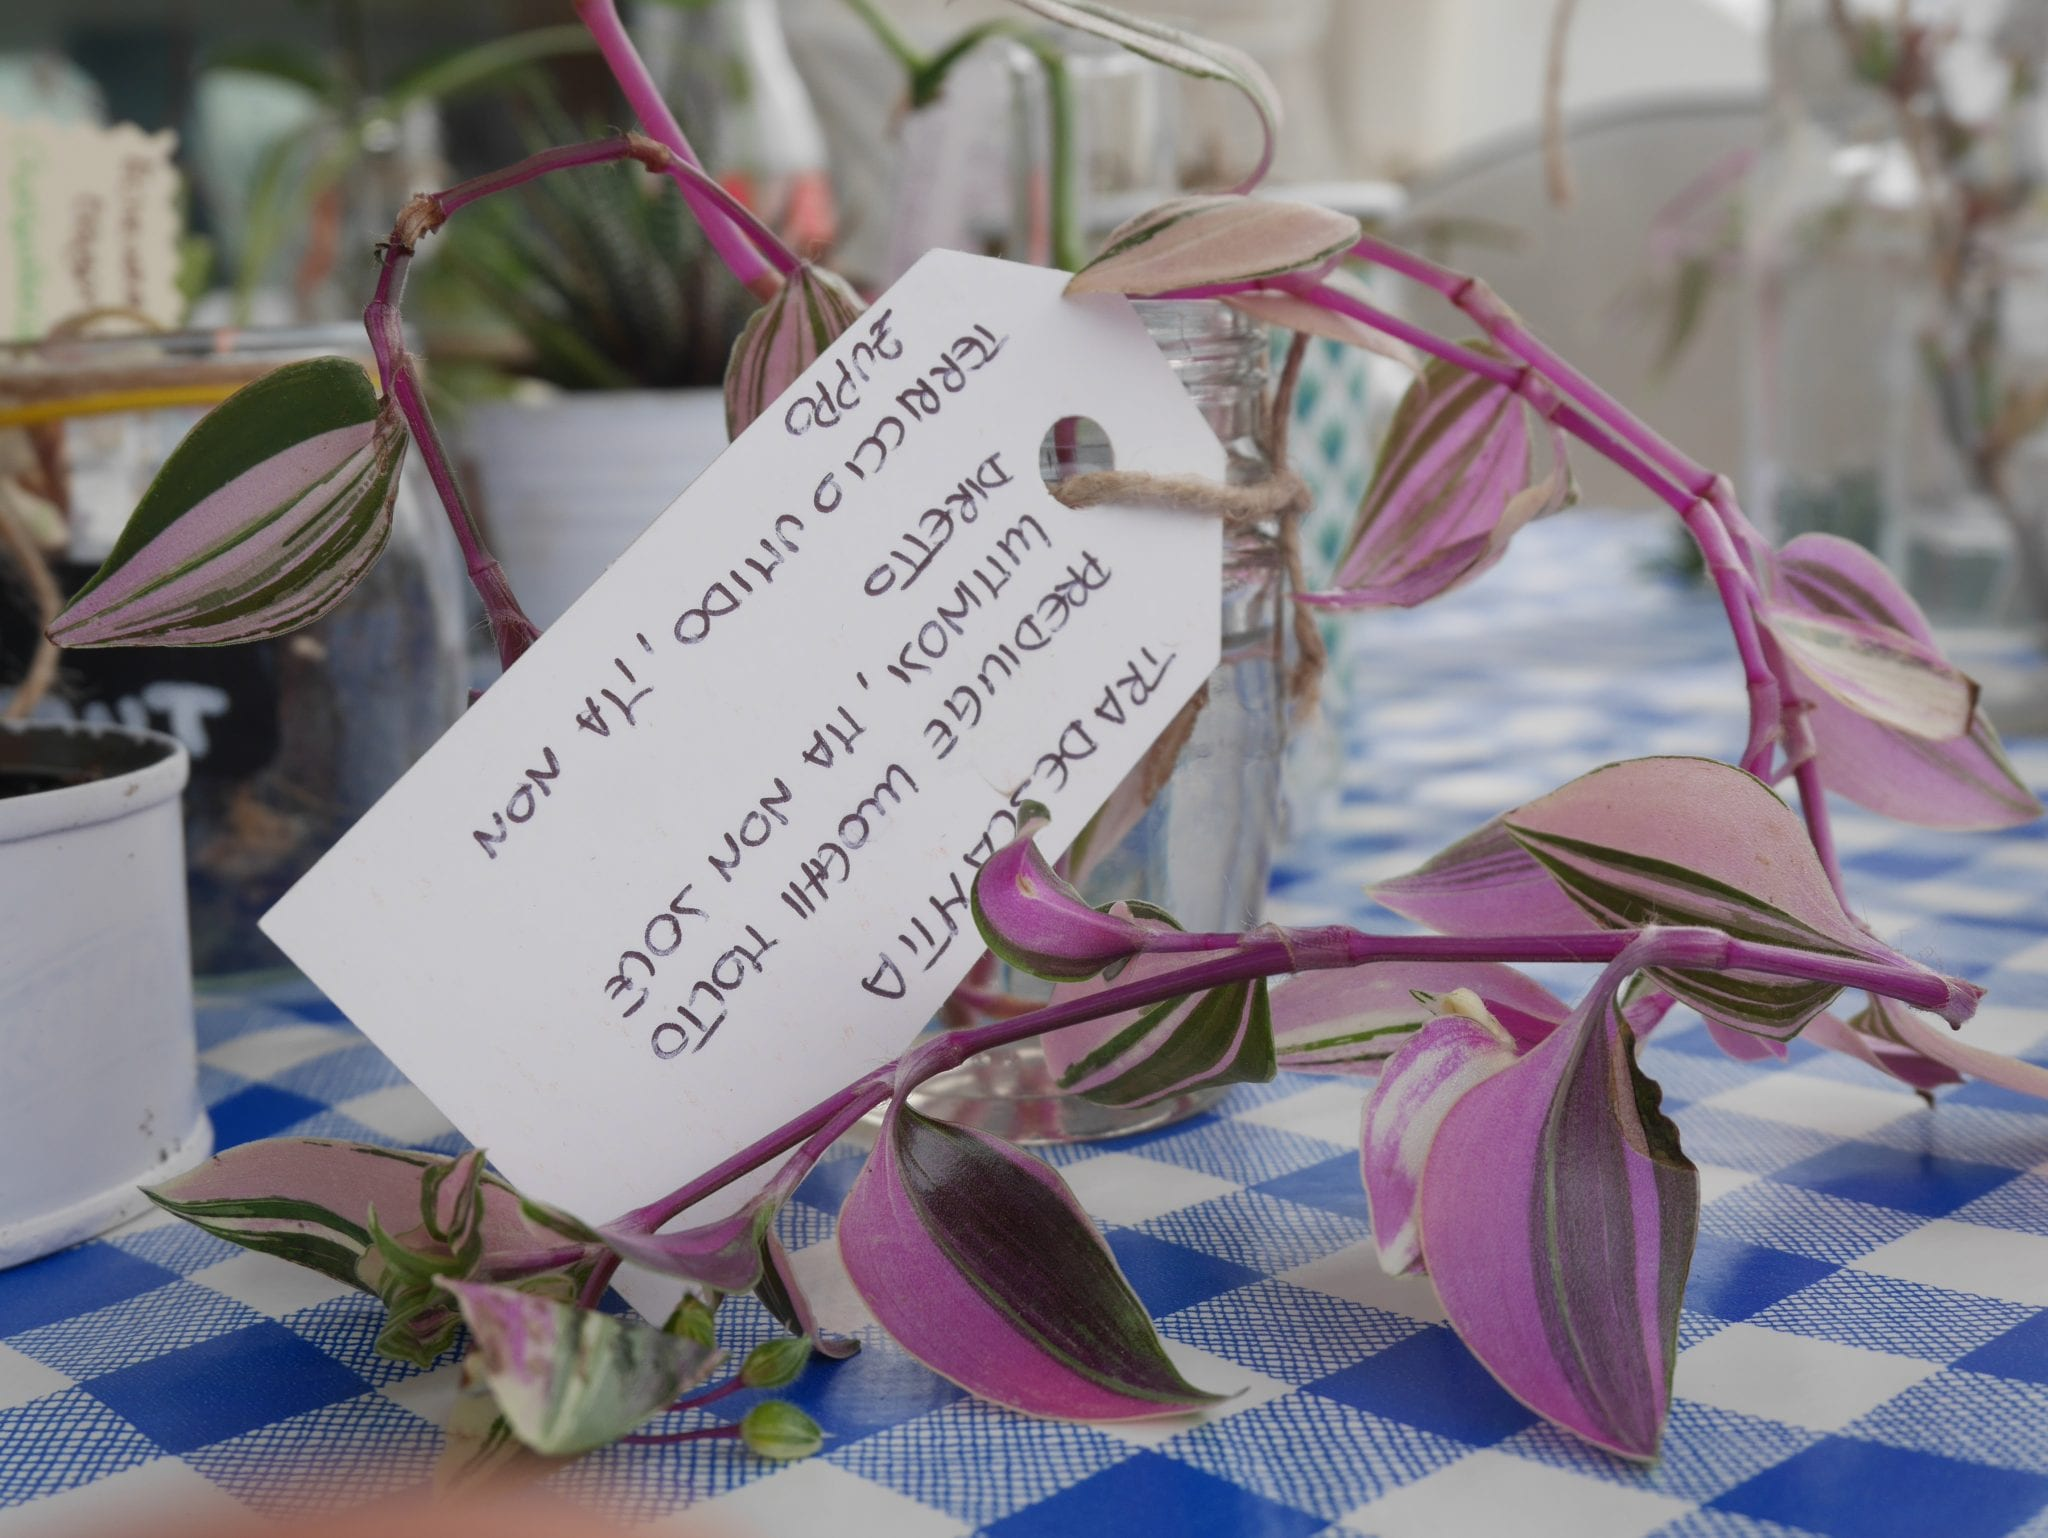 Tradescantia tricolor plant swap on board Le Plume